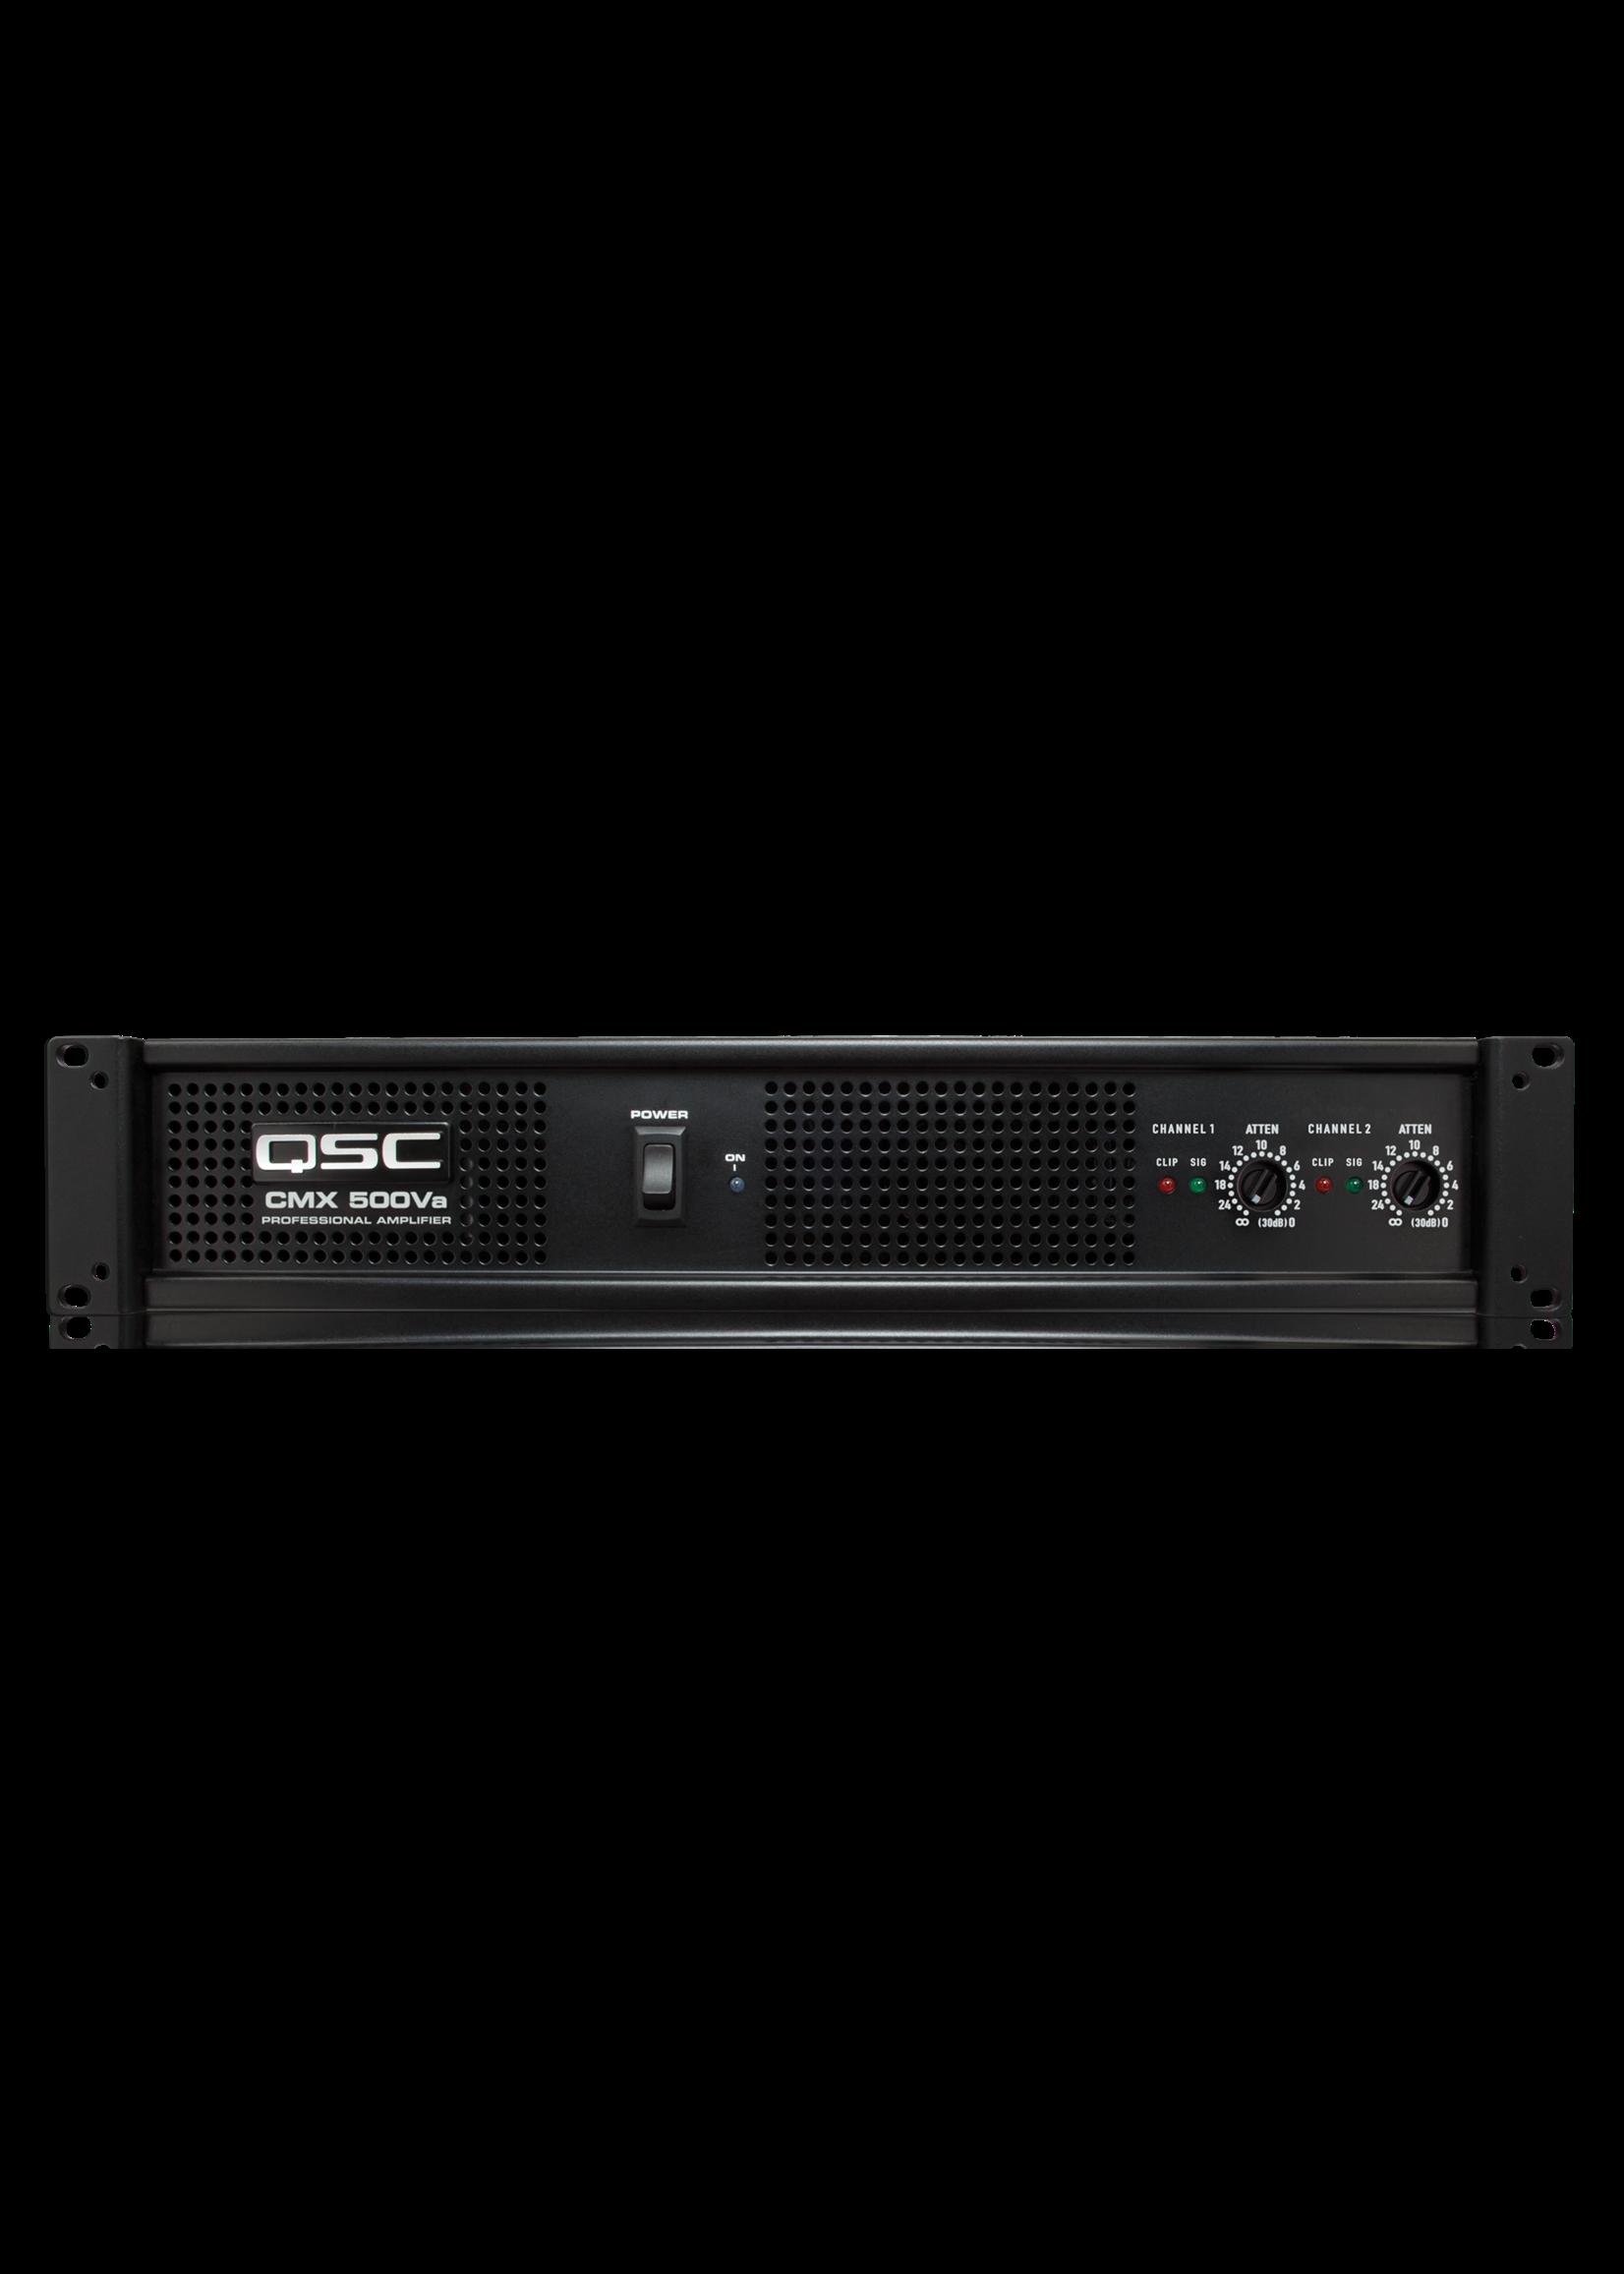 QSC CMX500VA QSC